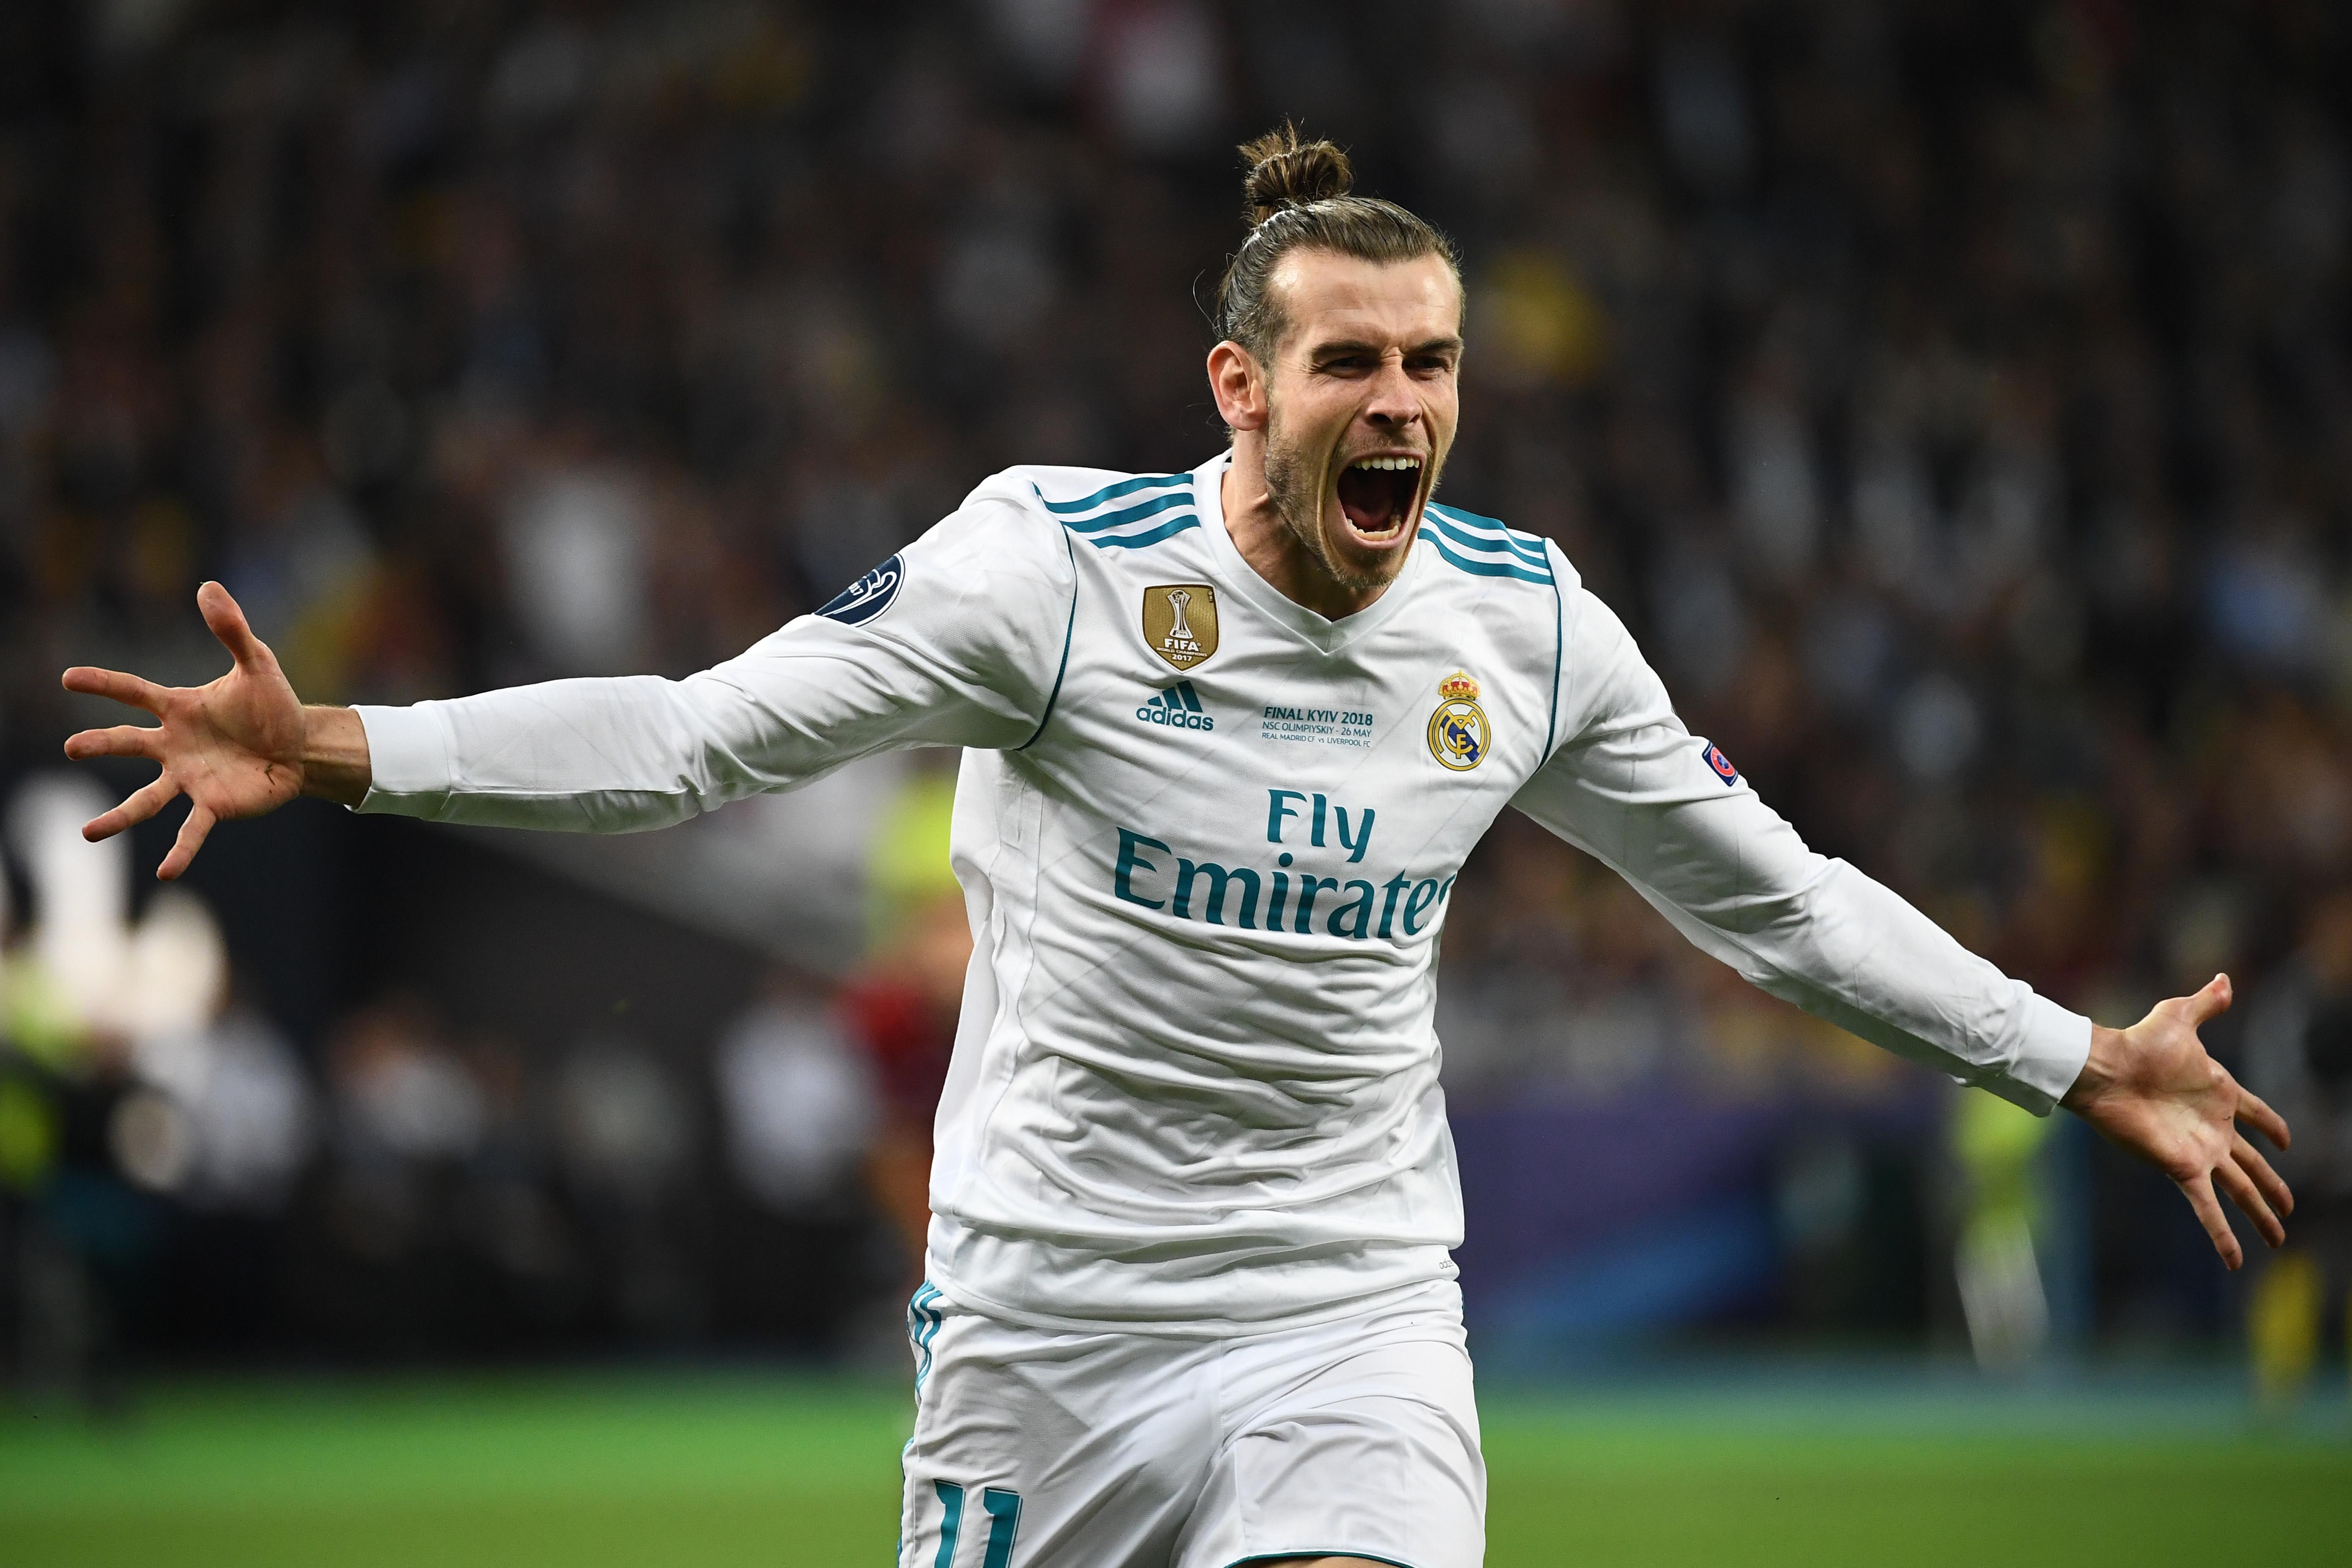 Bale kápzáratos góljával újra vezet a Real